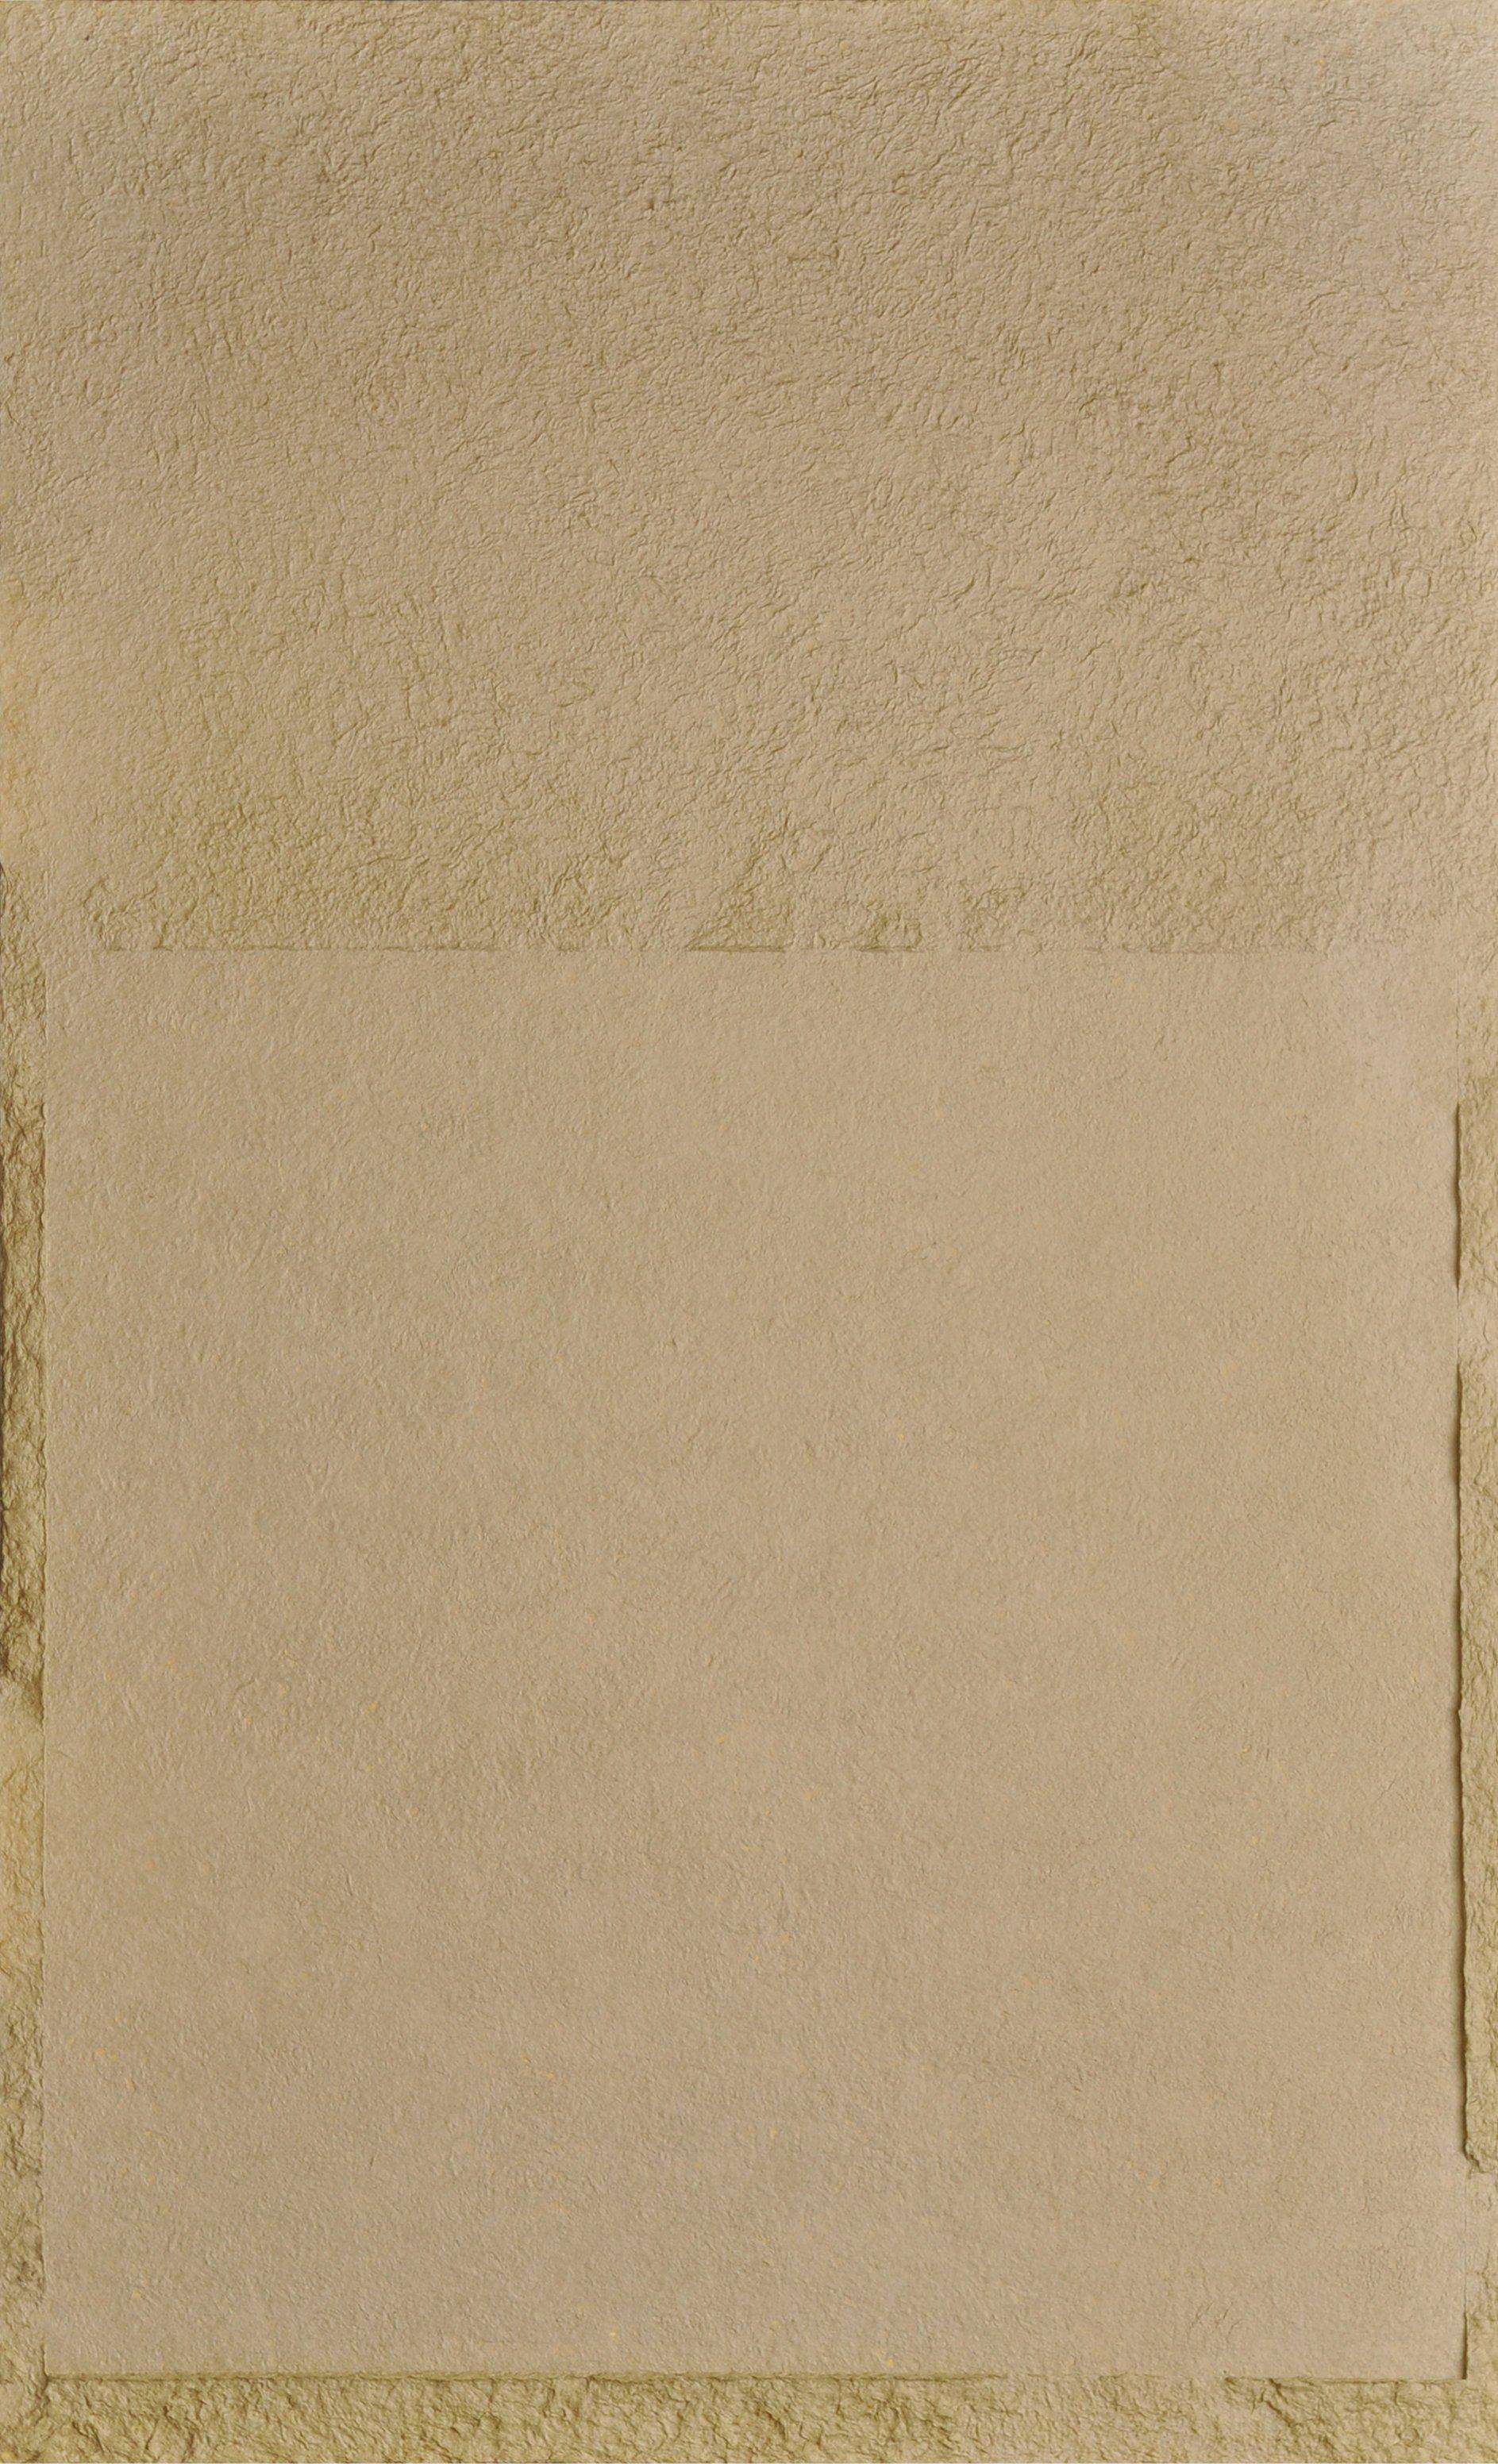 _뚡뀯_솽꼶_■녅_됣뀯__ MEDITATION 9603, 1996, 260x160cm, best fiber on canvas.JPG